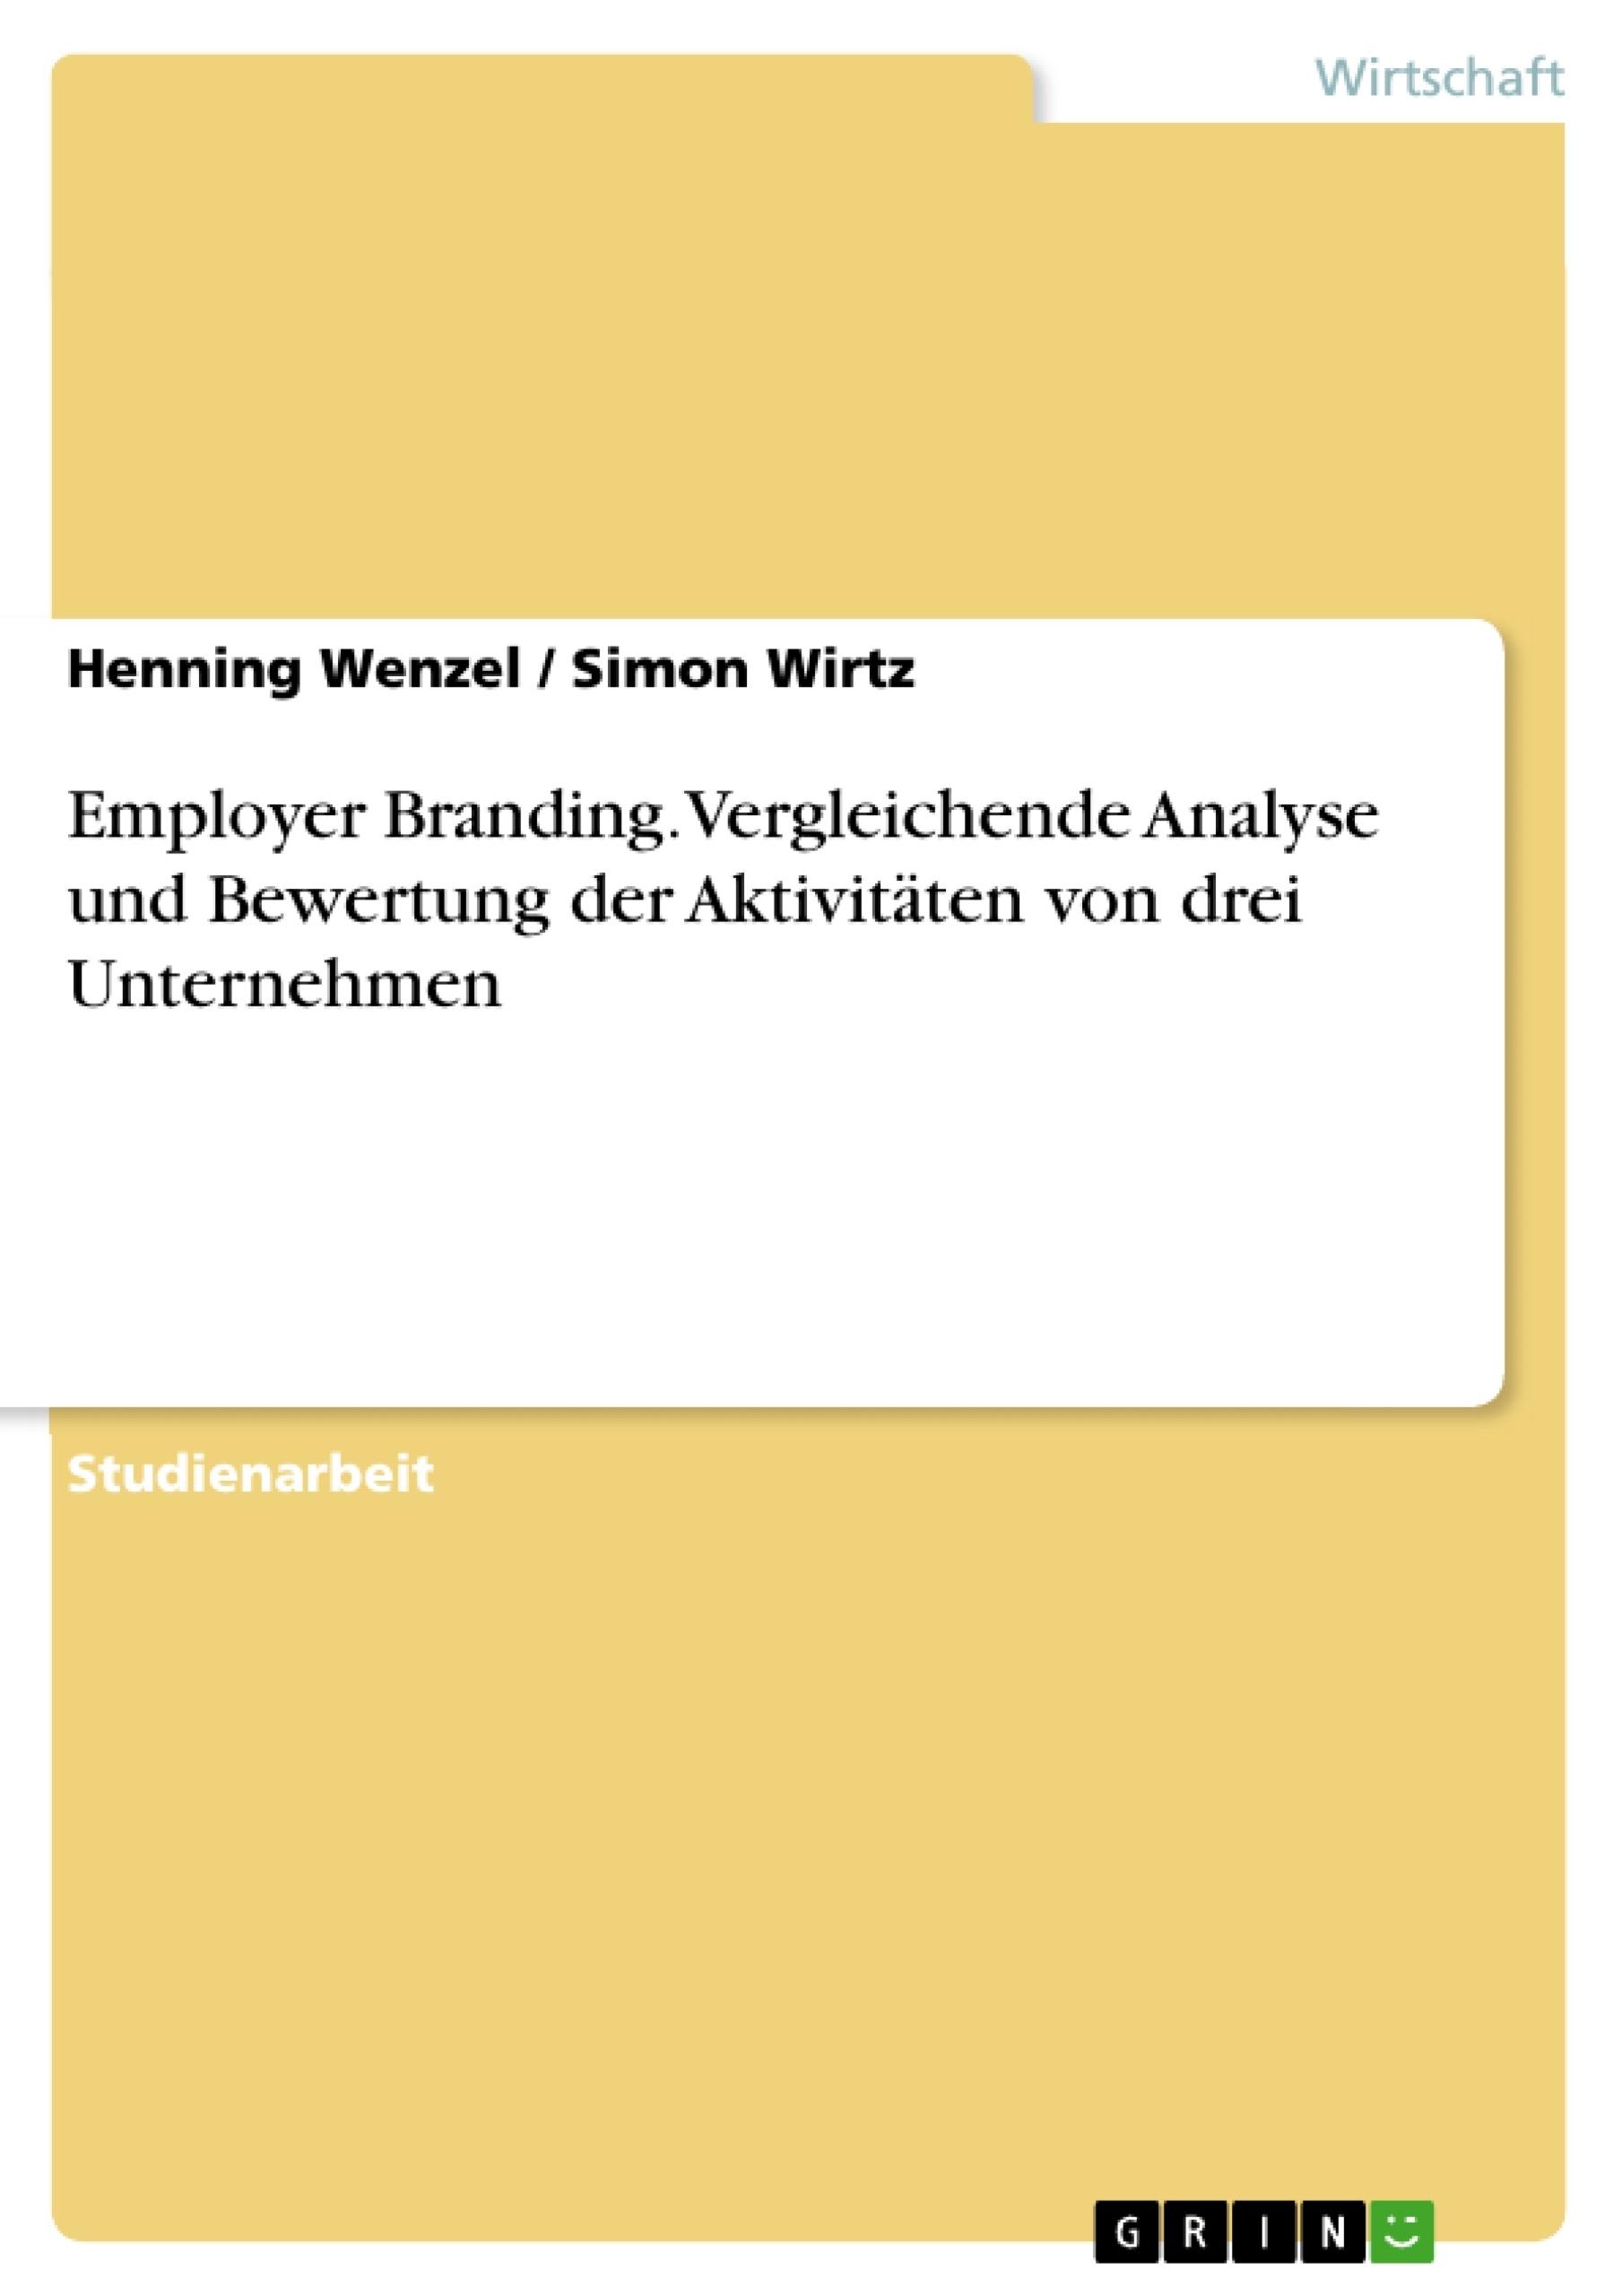 Titel: Employer Branding. Vergleichende Analyse und Bewertung der Aktivitäten von drei Unternehmen